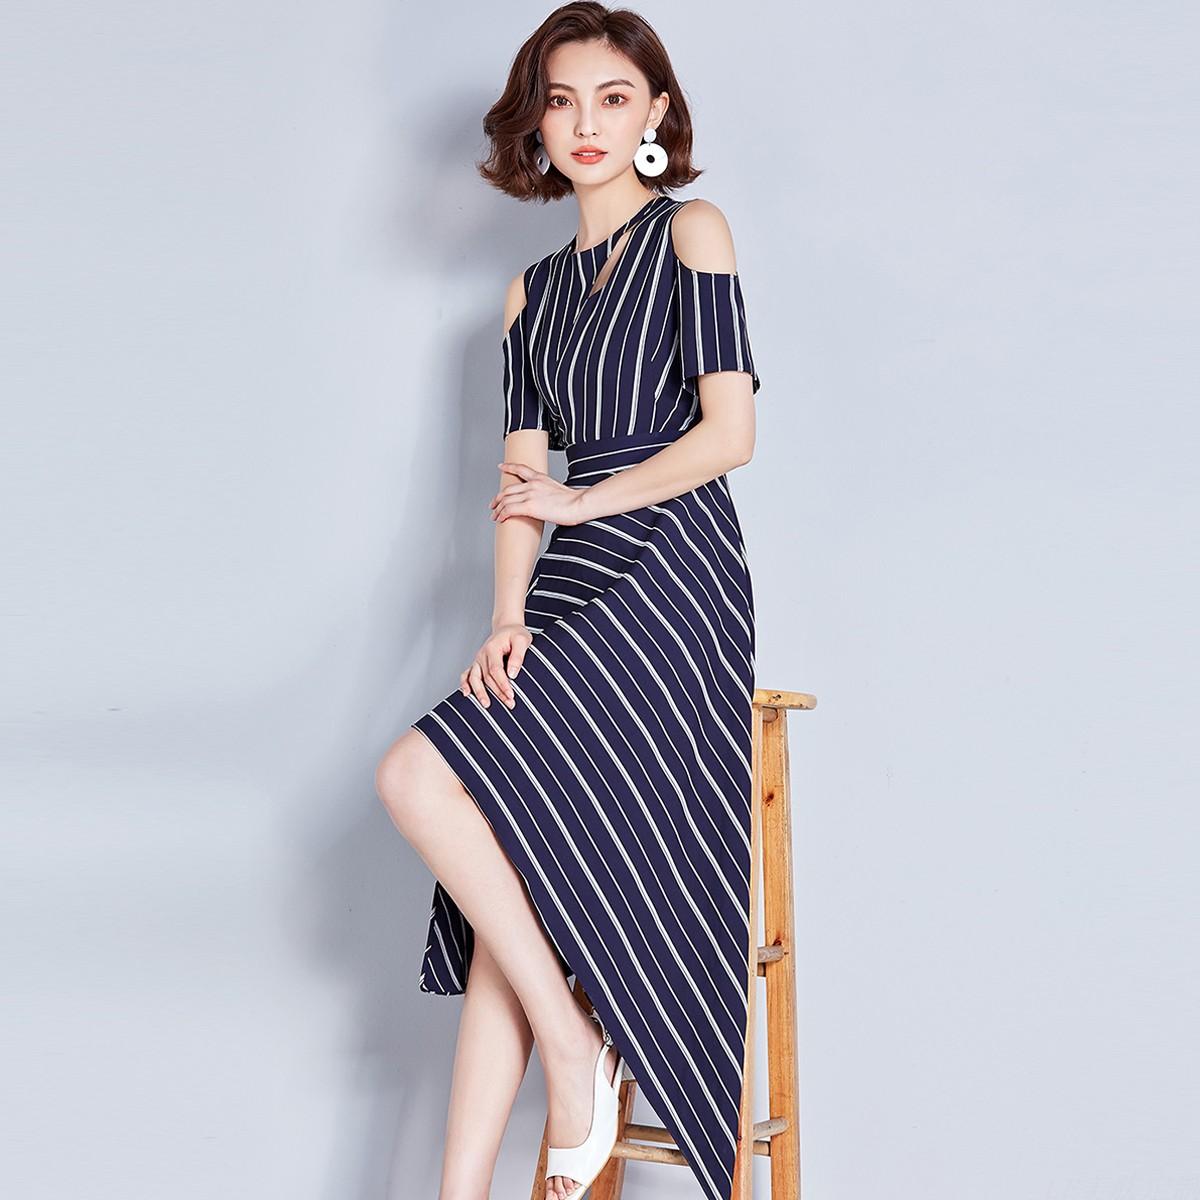 女装品牌折扣夏季2018新款时尚露肩镂空不规则条纹中长款连衣裙潮